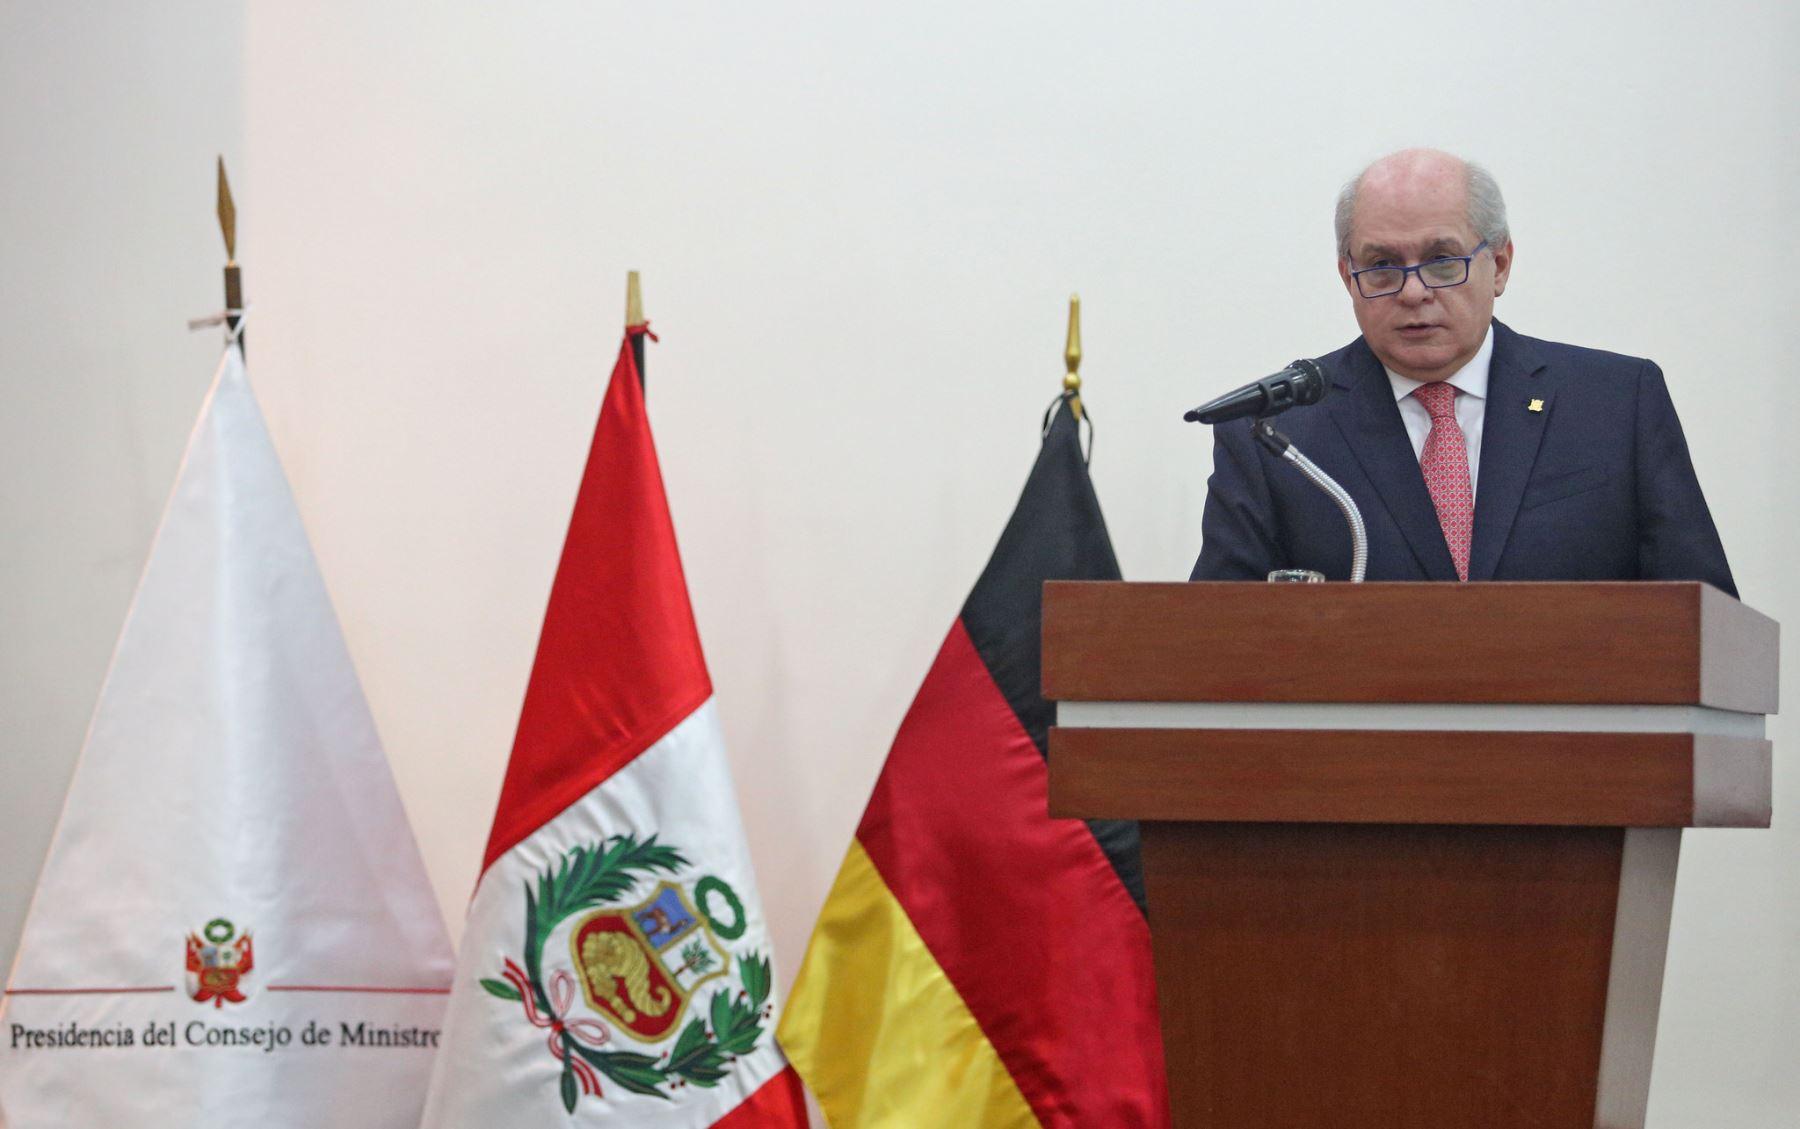 Congreso peruano aprueba moción de vacancia de PPK por caso Odebrecht